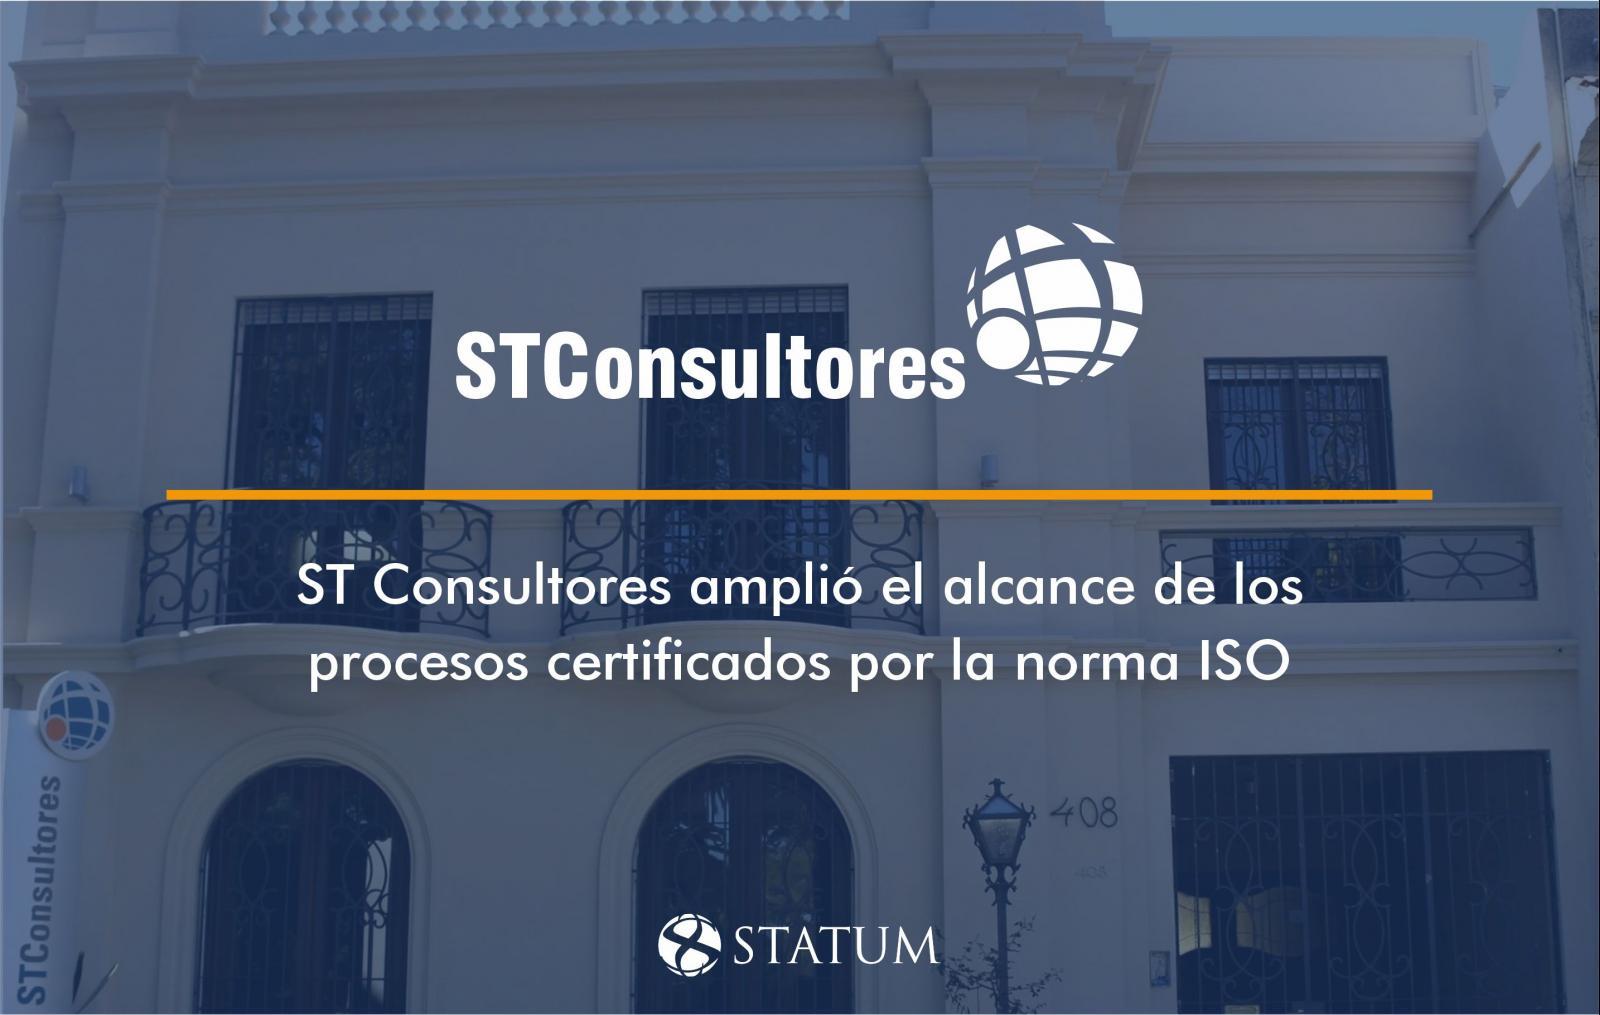 st-consultores-statum-2021